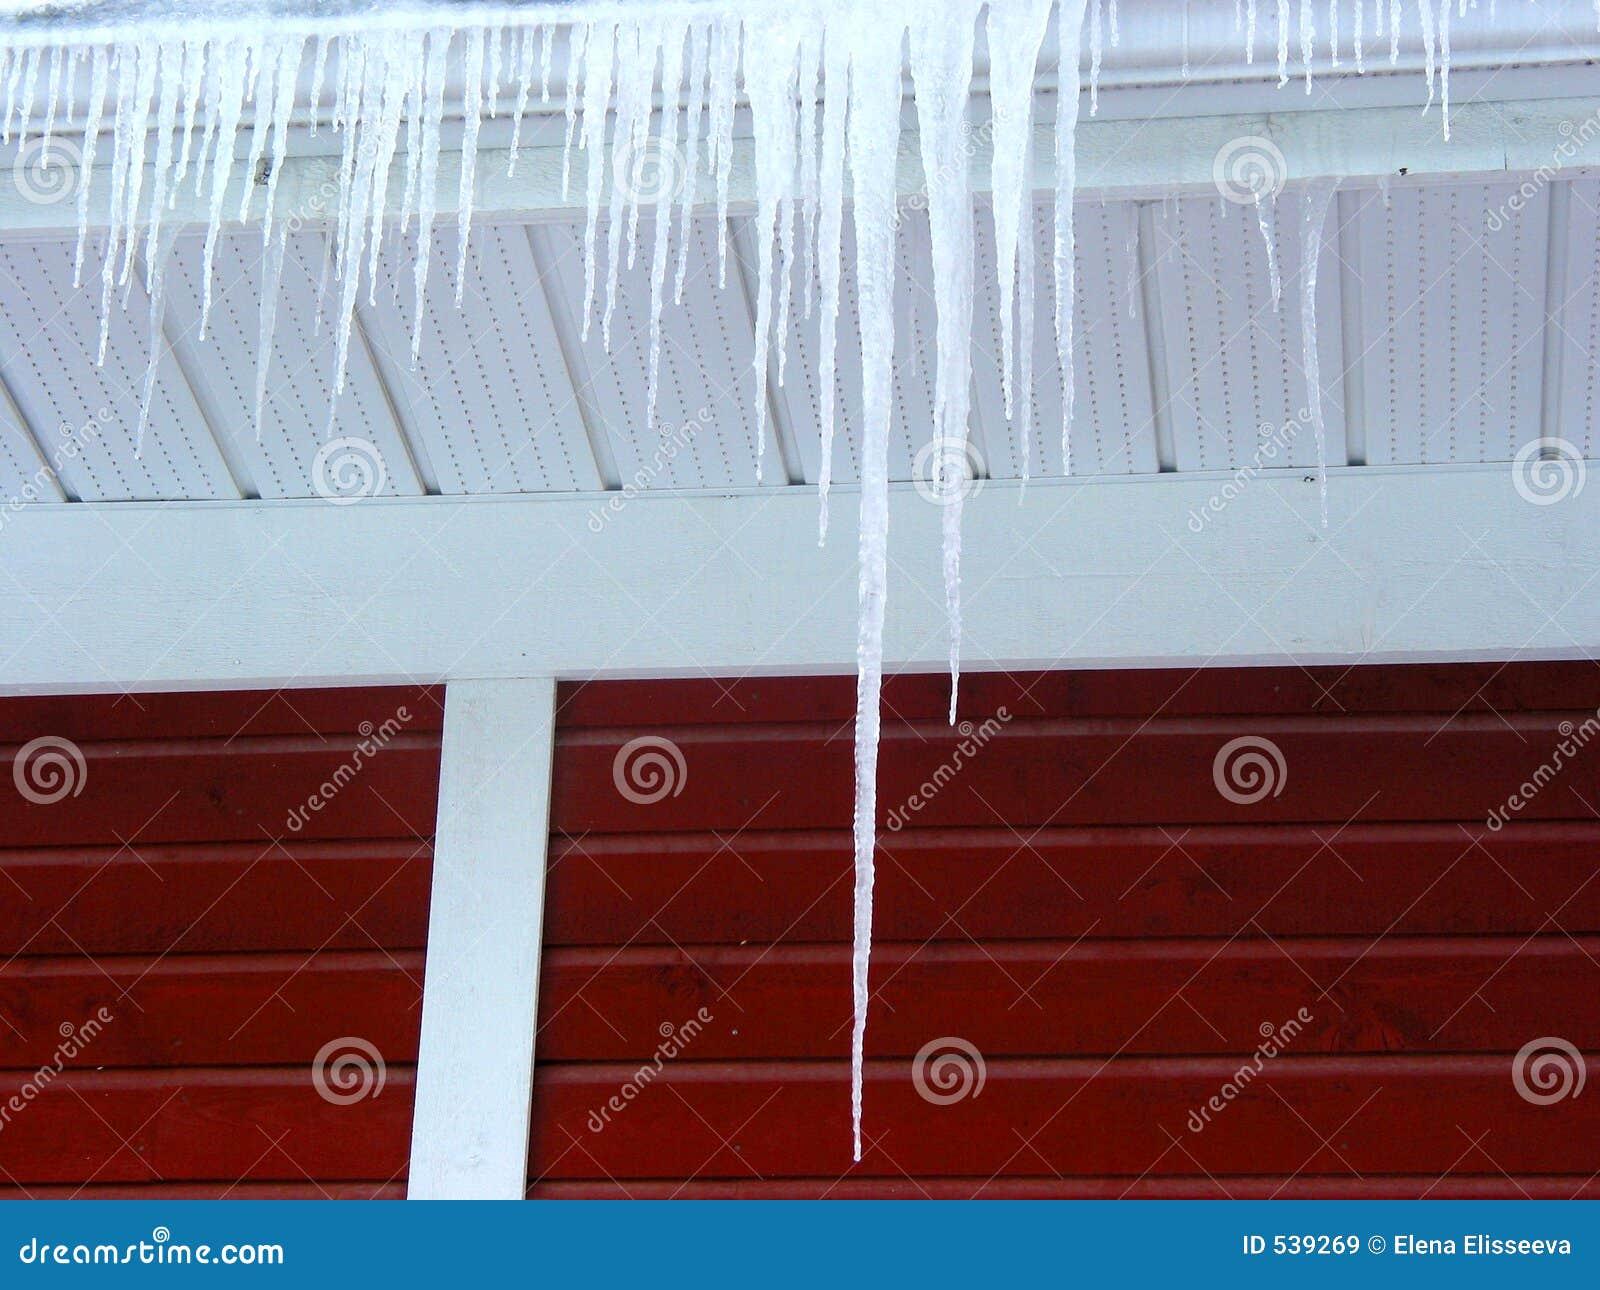 Download 冰柱 库存图片. 图片 包括有 边缘, 详细资料, 季节性, 红色, 墙壁, 季节, 冬天, 屋顶, 冰柱, 本质 - 539269